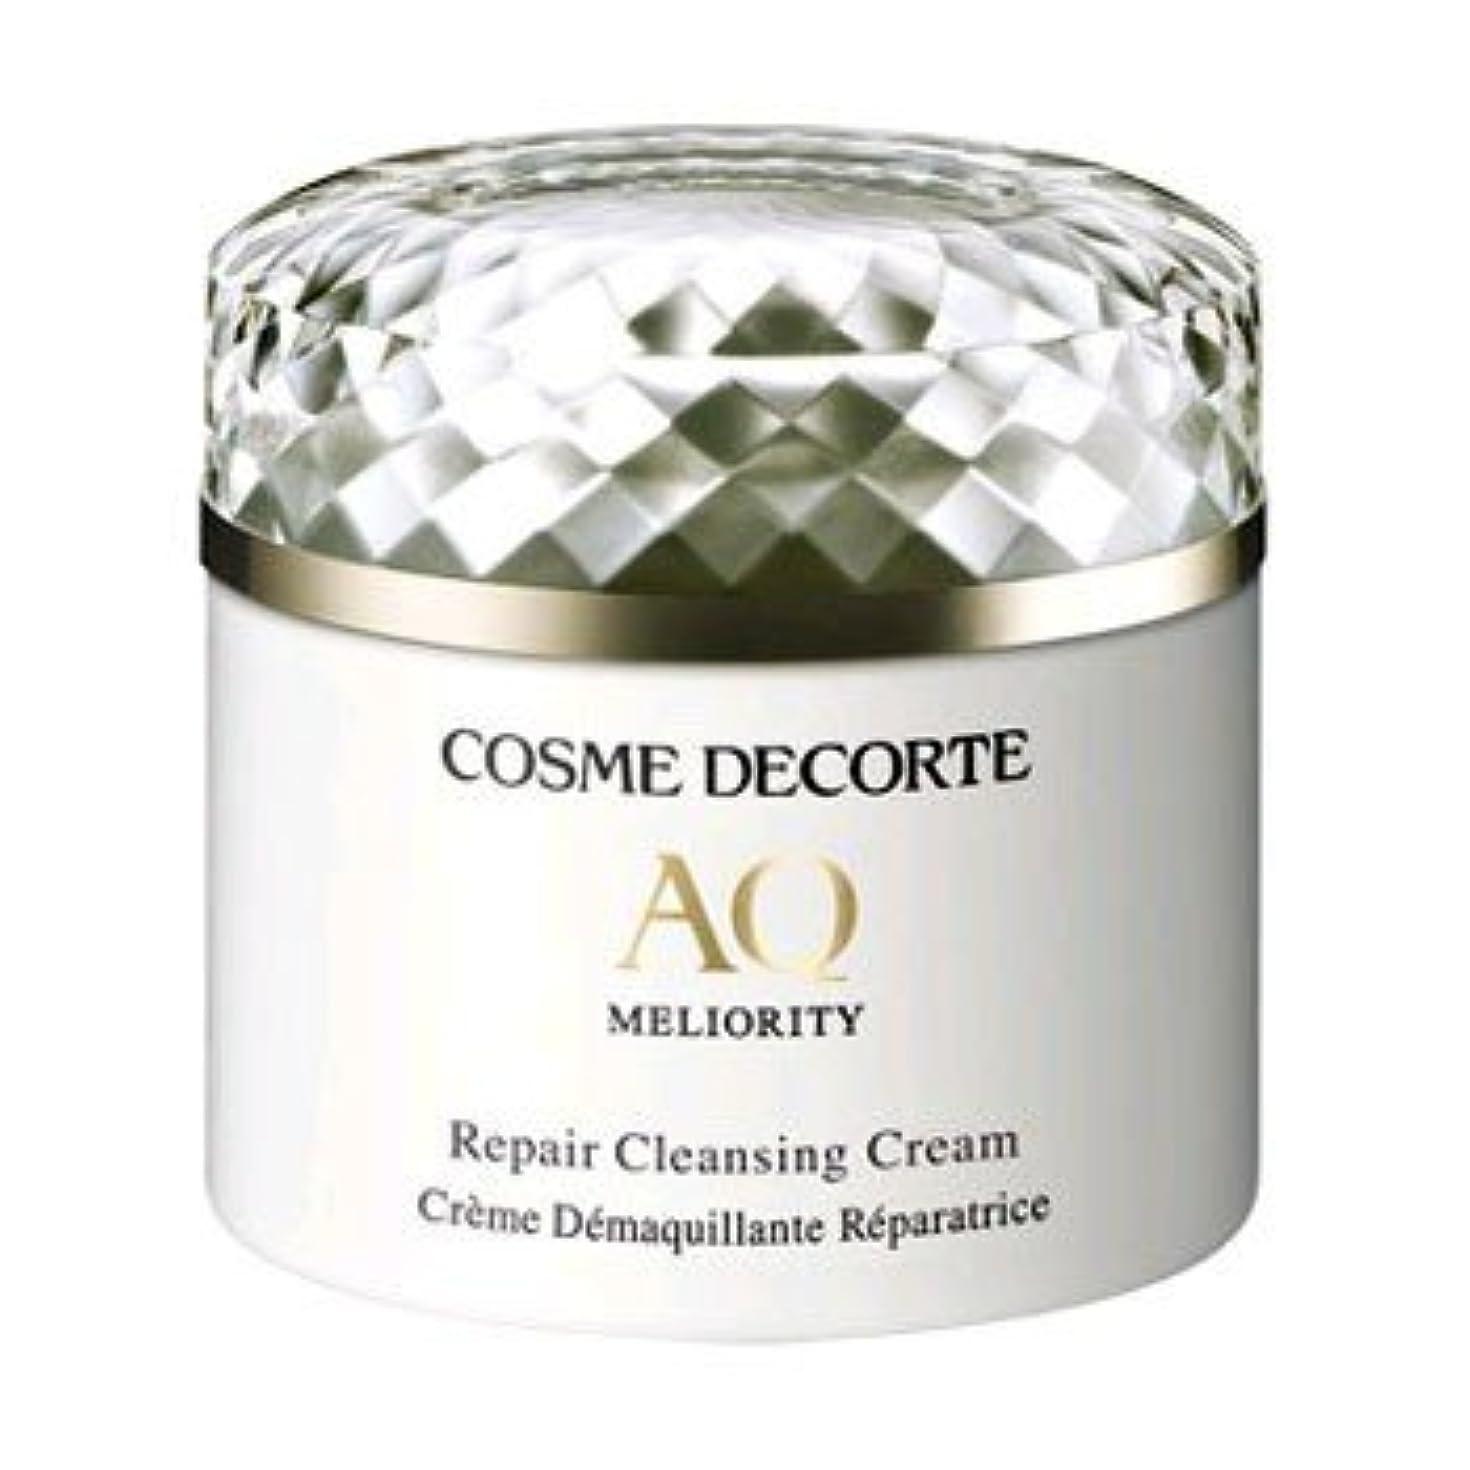 あるうまくやる()コスメ デコルテ(COSME DECORTE) AQ ミリオリティ リペア クレンジングクリーム 150ml[並行輸入品]